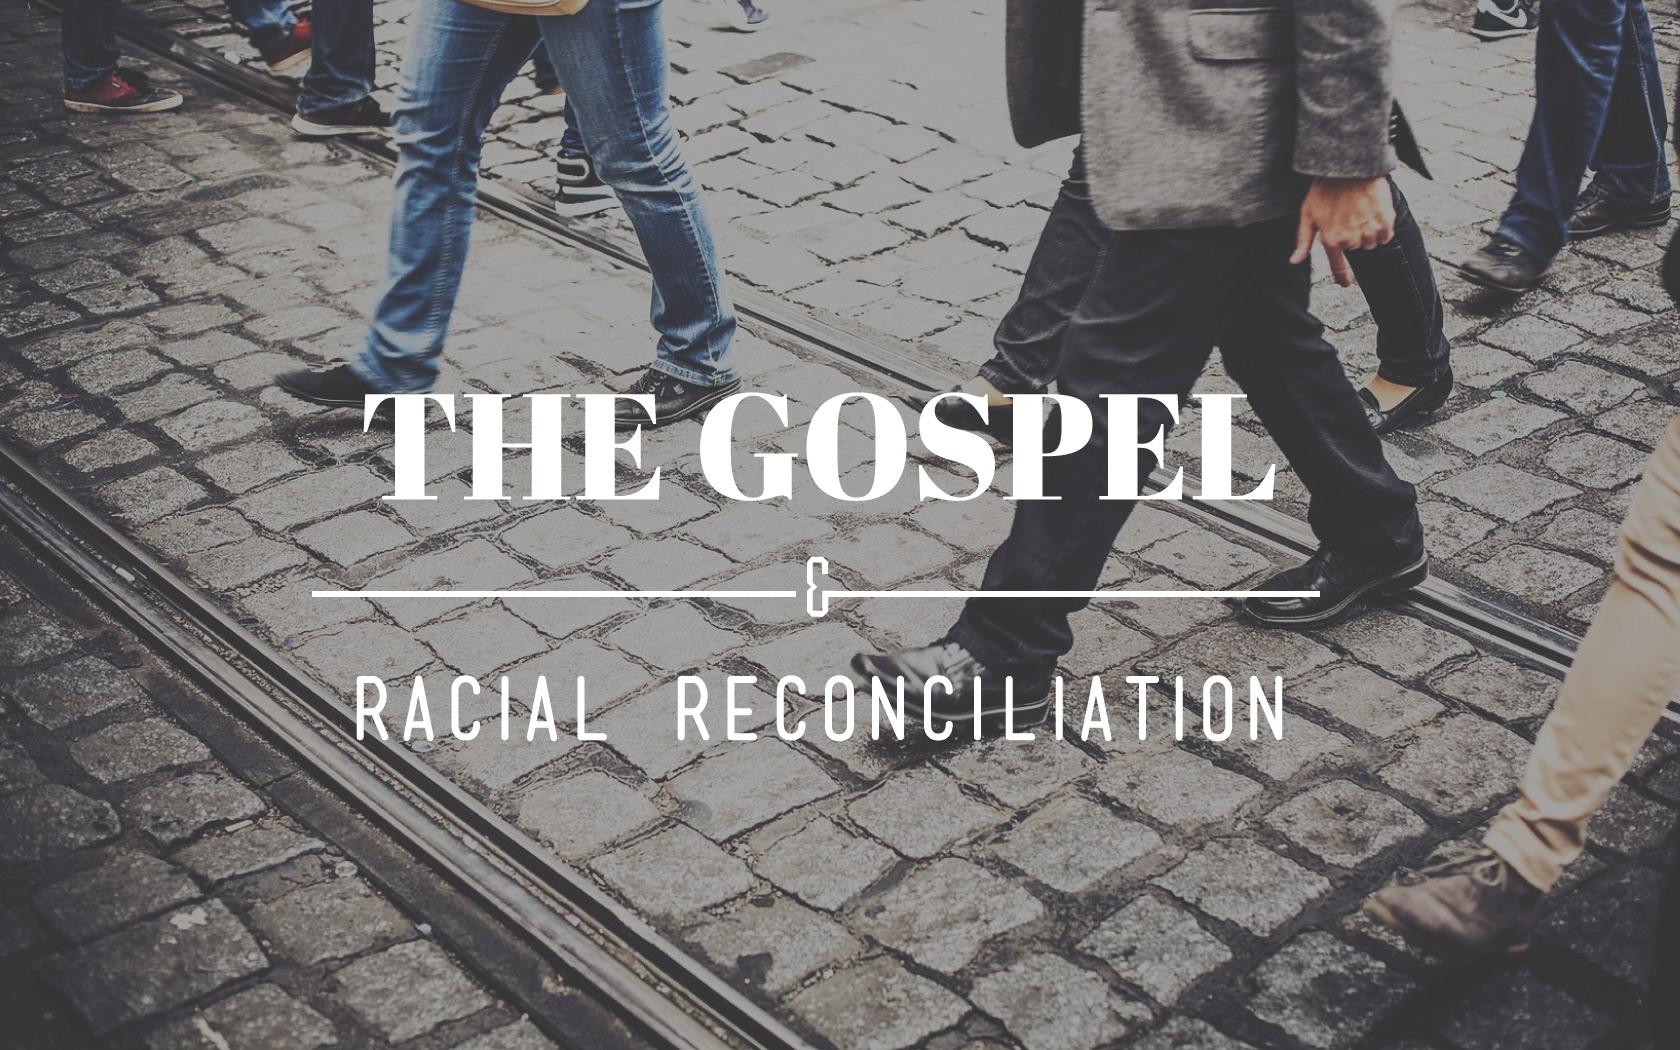 racial_reconciliation_gospel.jpg